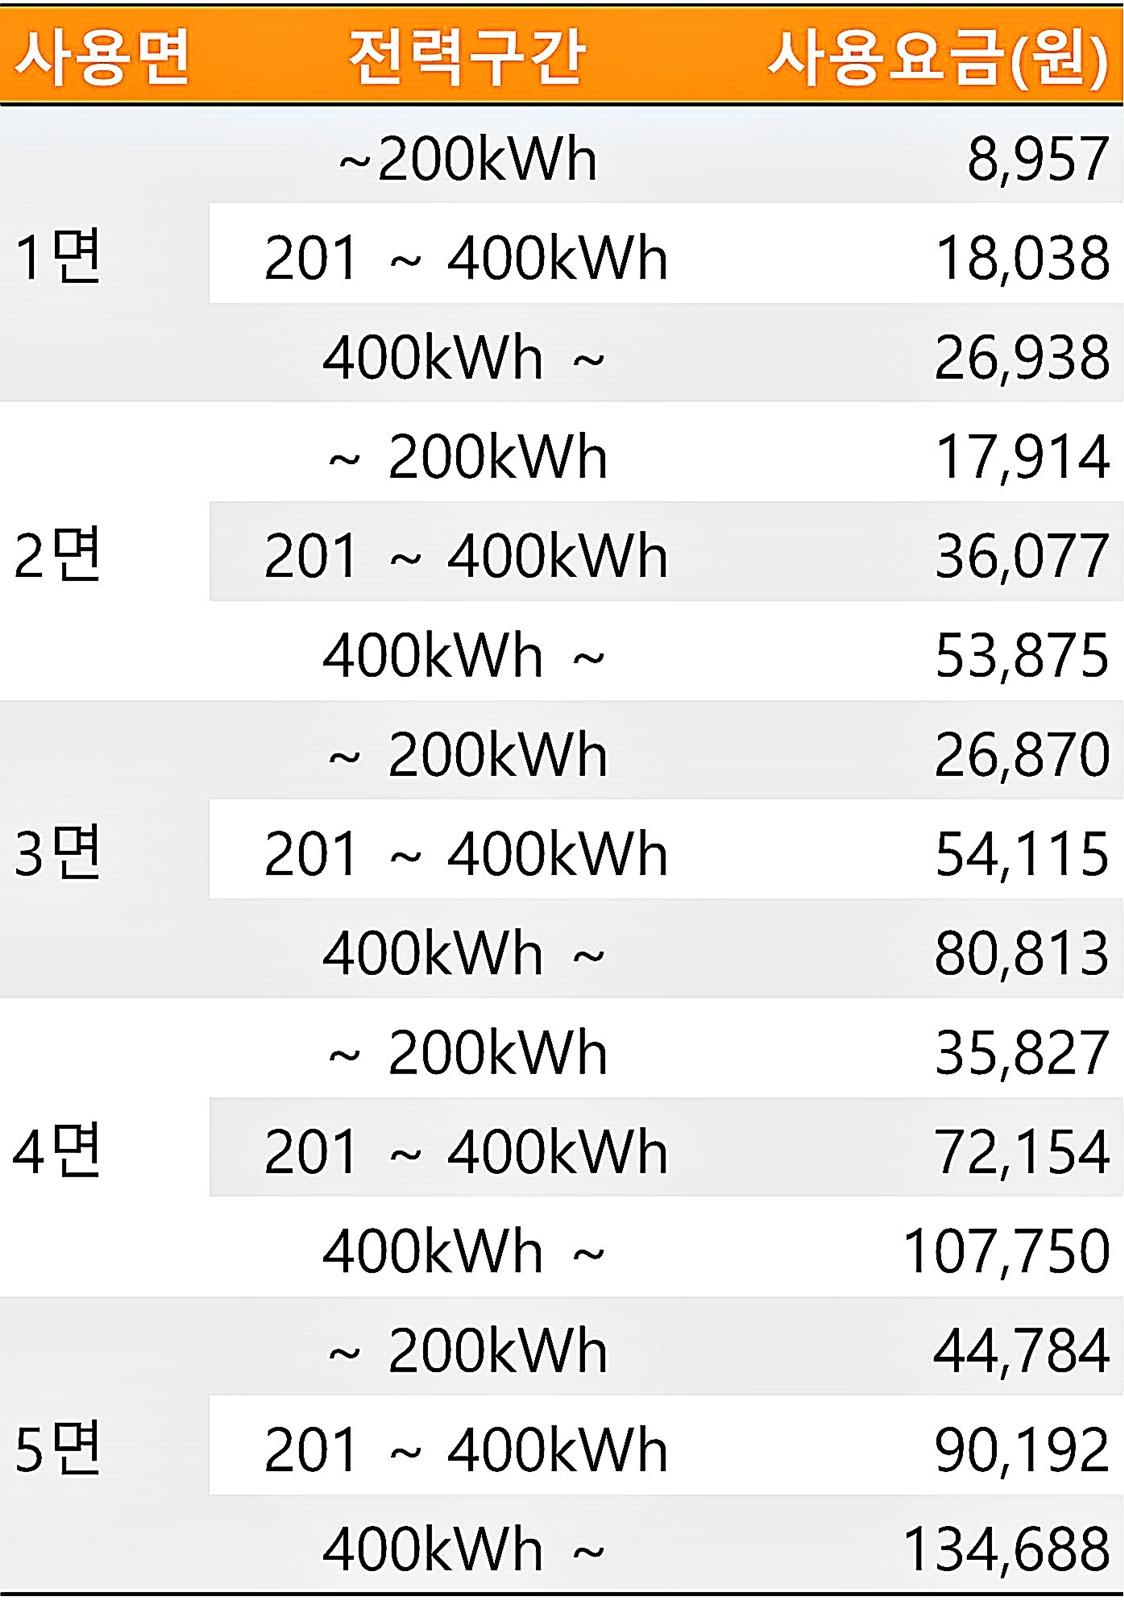 오방난로 전기요금 계산표